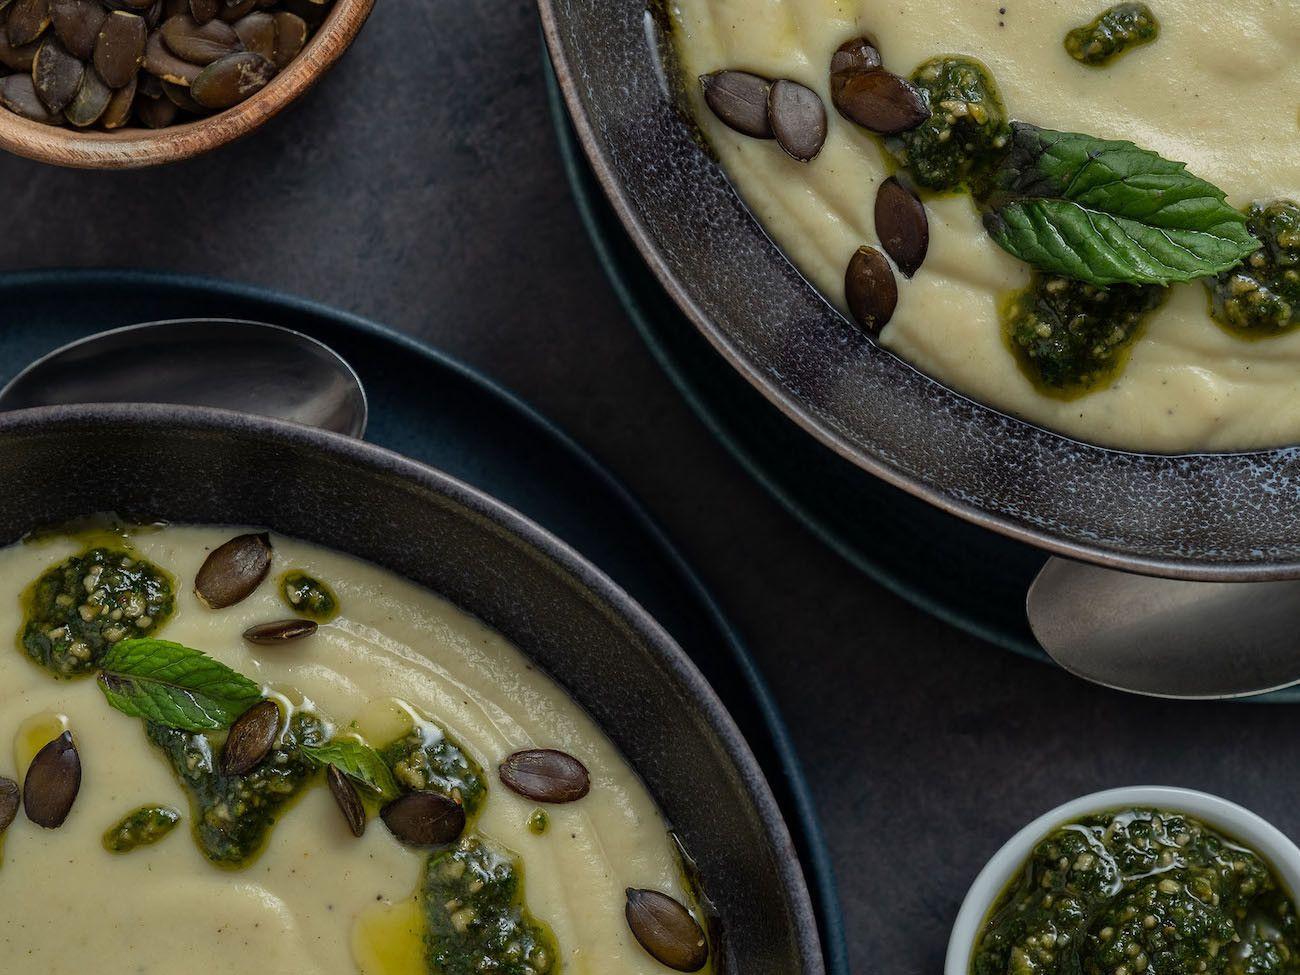 Foodblog, About Fuel, Rezept, Blumenkohlsuppe mit Sonnenblumenkern-Minz-Pesto und Kürbiskernen, Minzblatt, Pesto